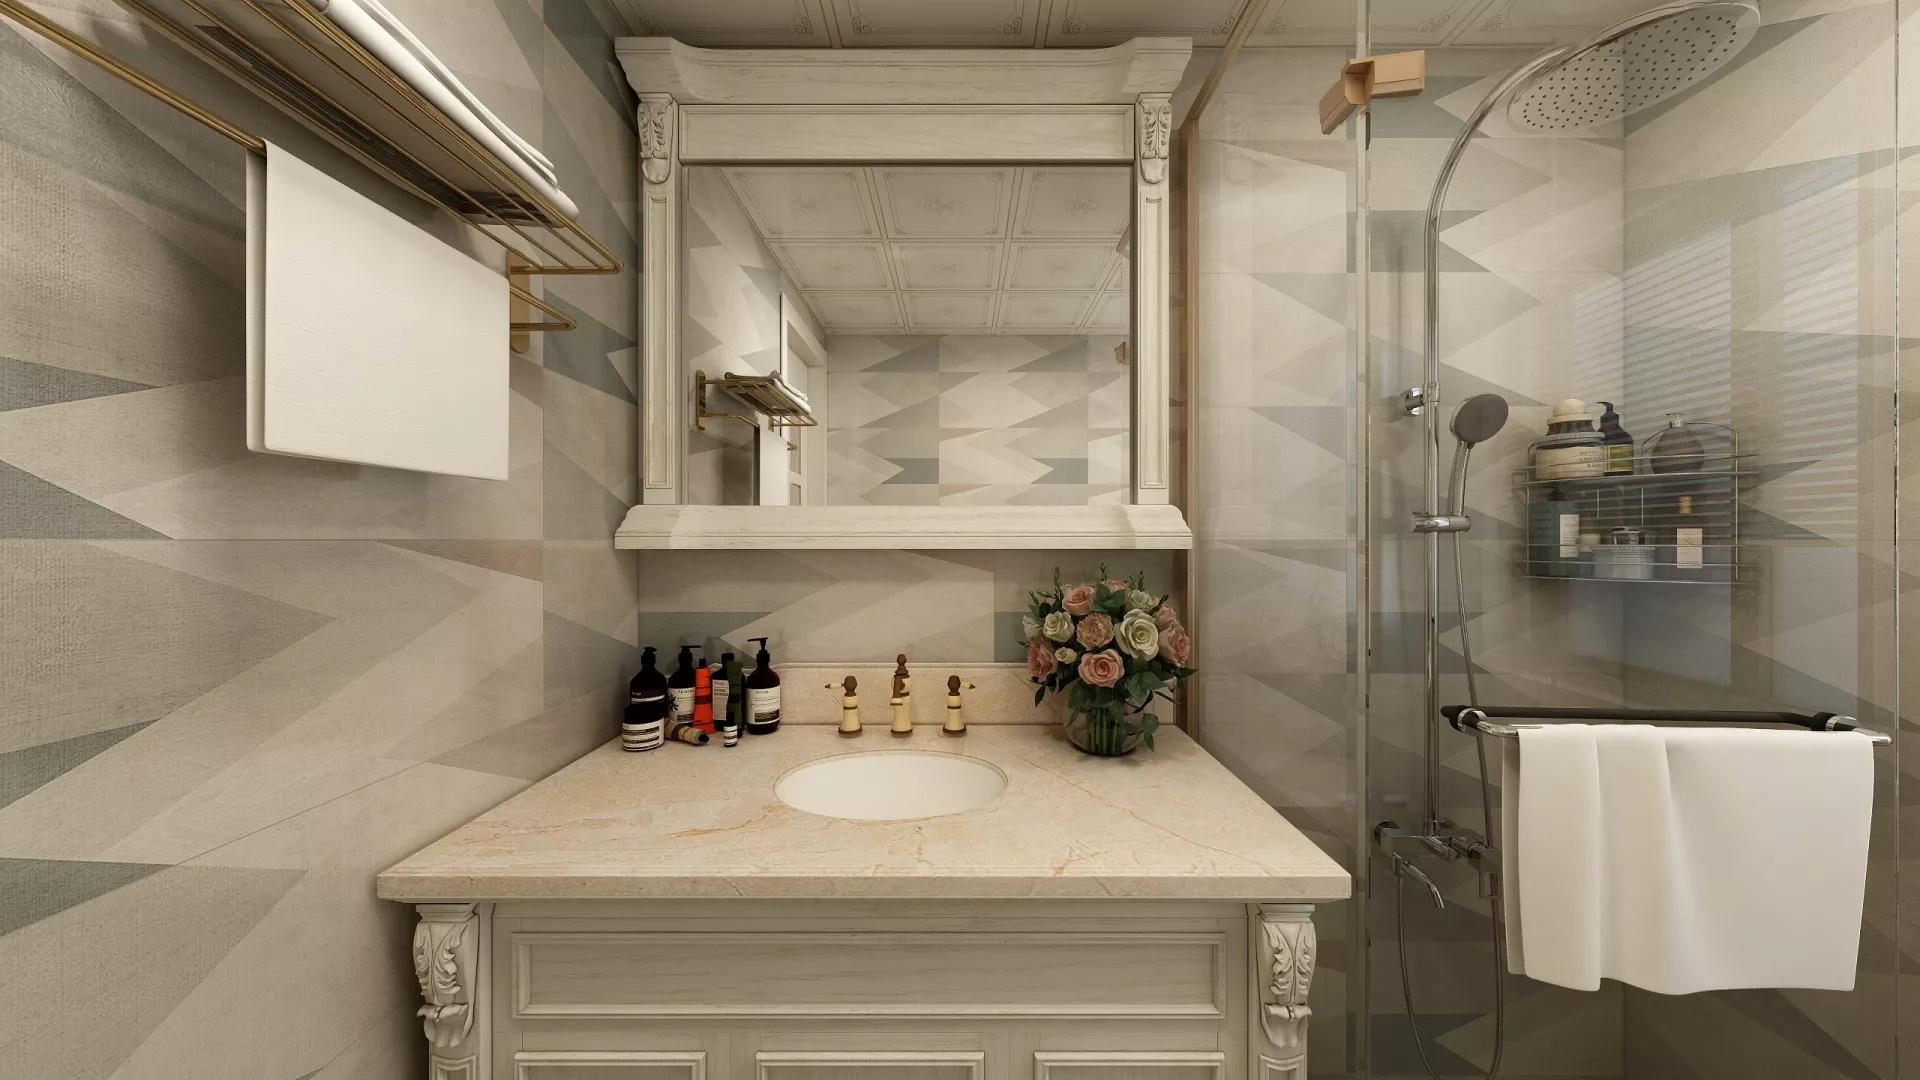 厨房高低台面怎么设计 厨房高低台面的设计要点